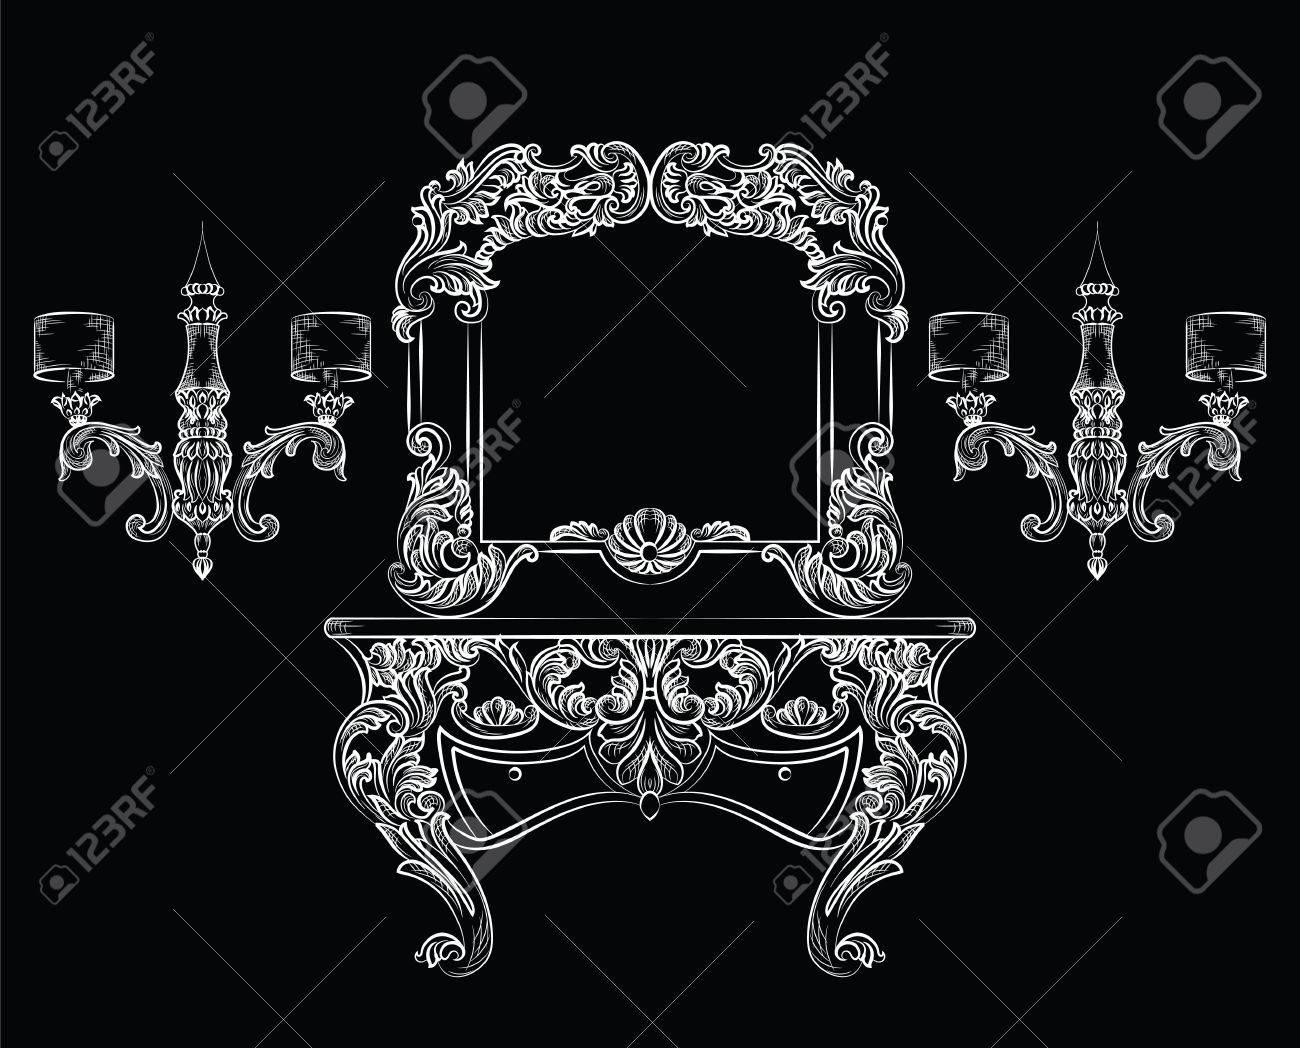 Standard Bild   Vector Barock Frisierkommode Und Spiegelrahmen Möbel.  Französisch Luxus Reich Geschnitzten Ornamenten. Victorian Royal Style  Dekoriert Set ...